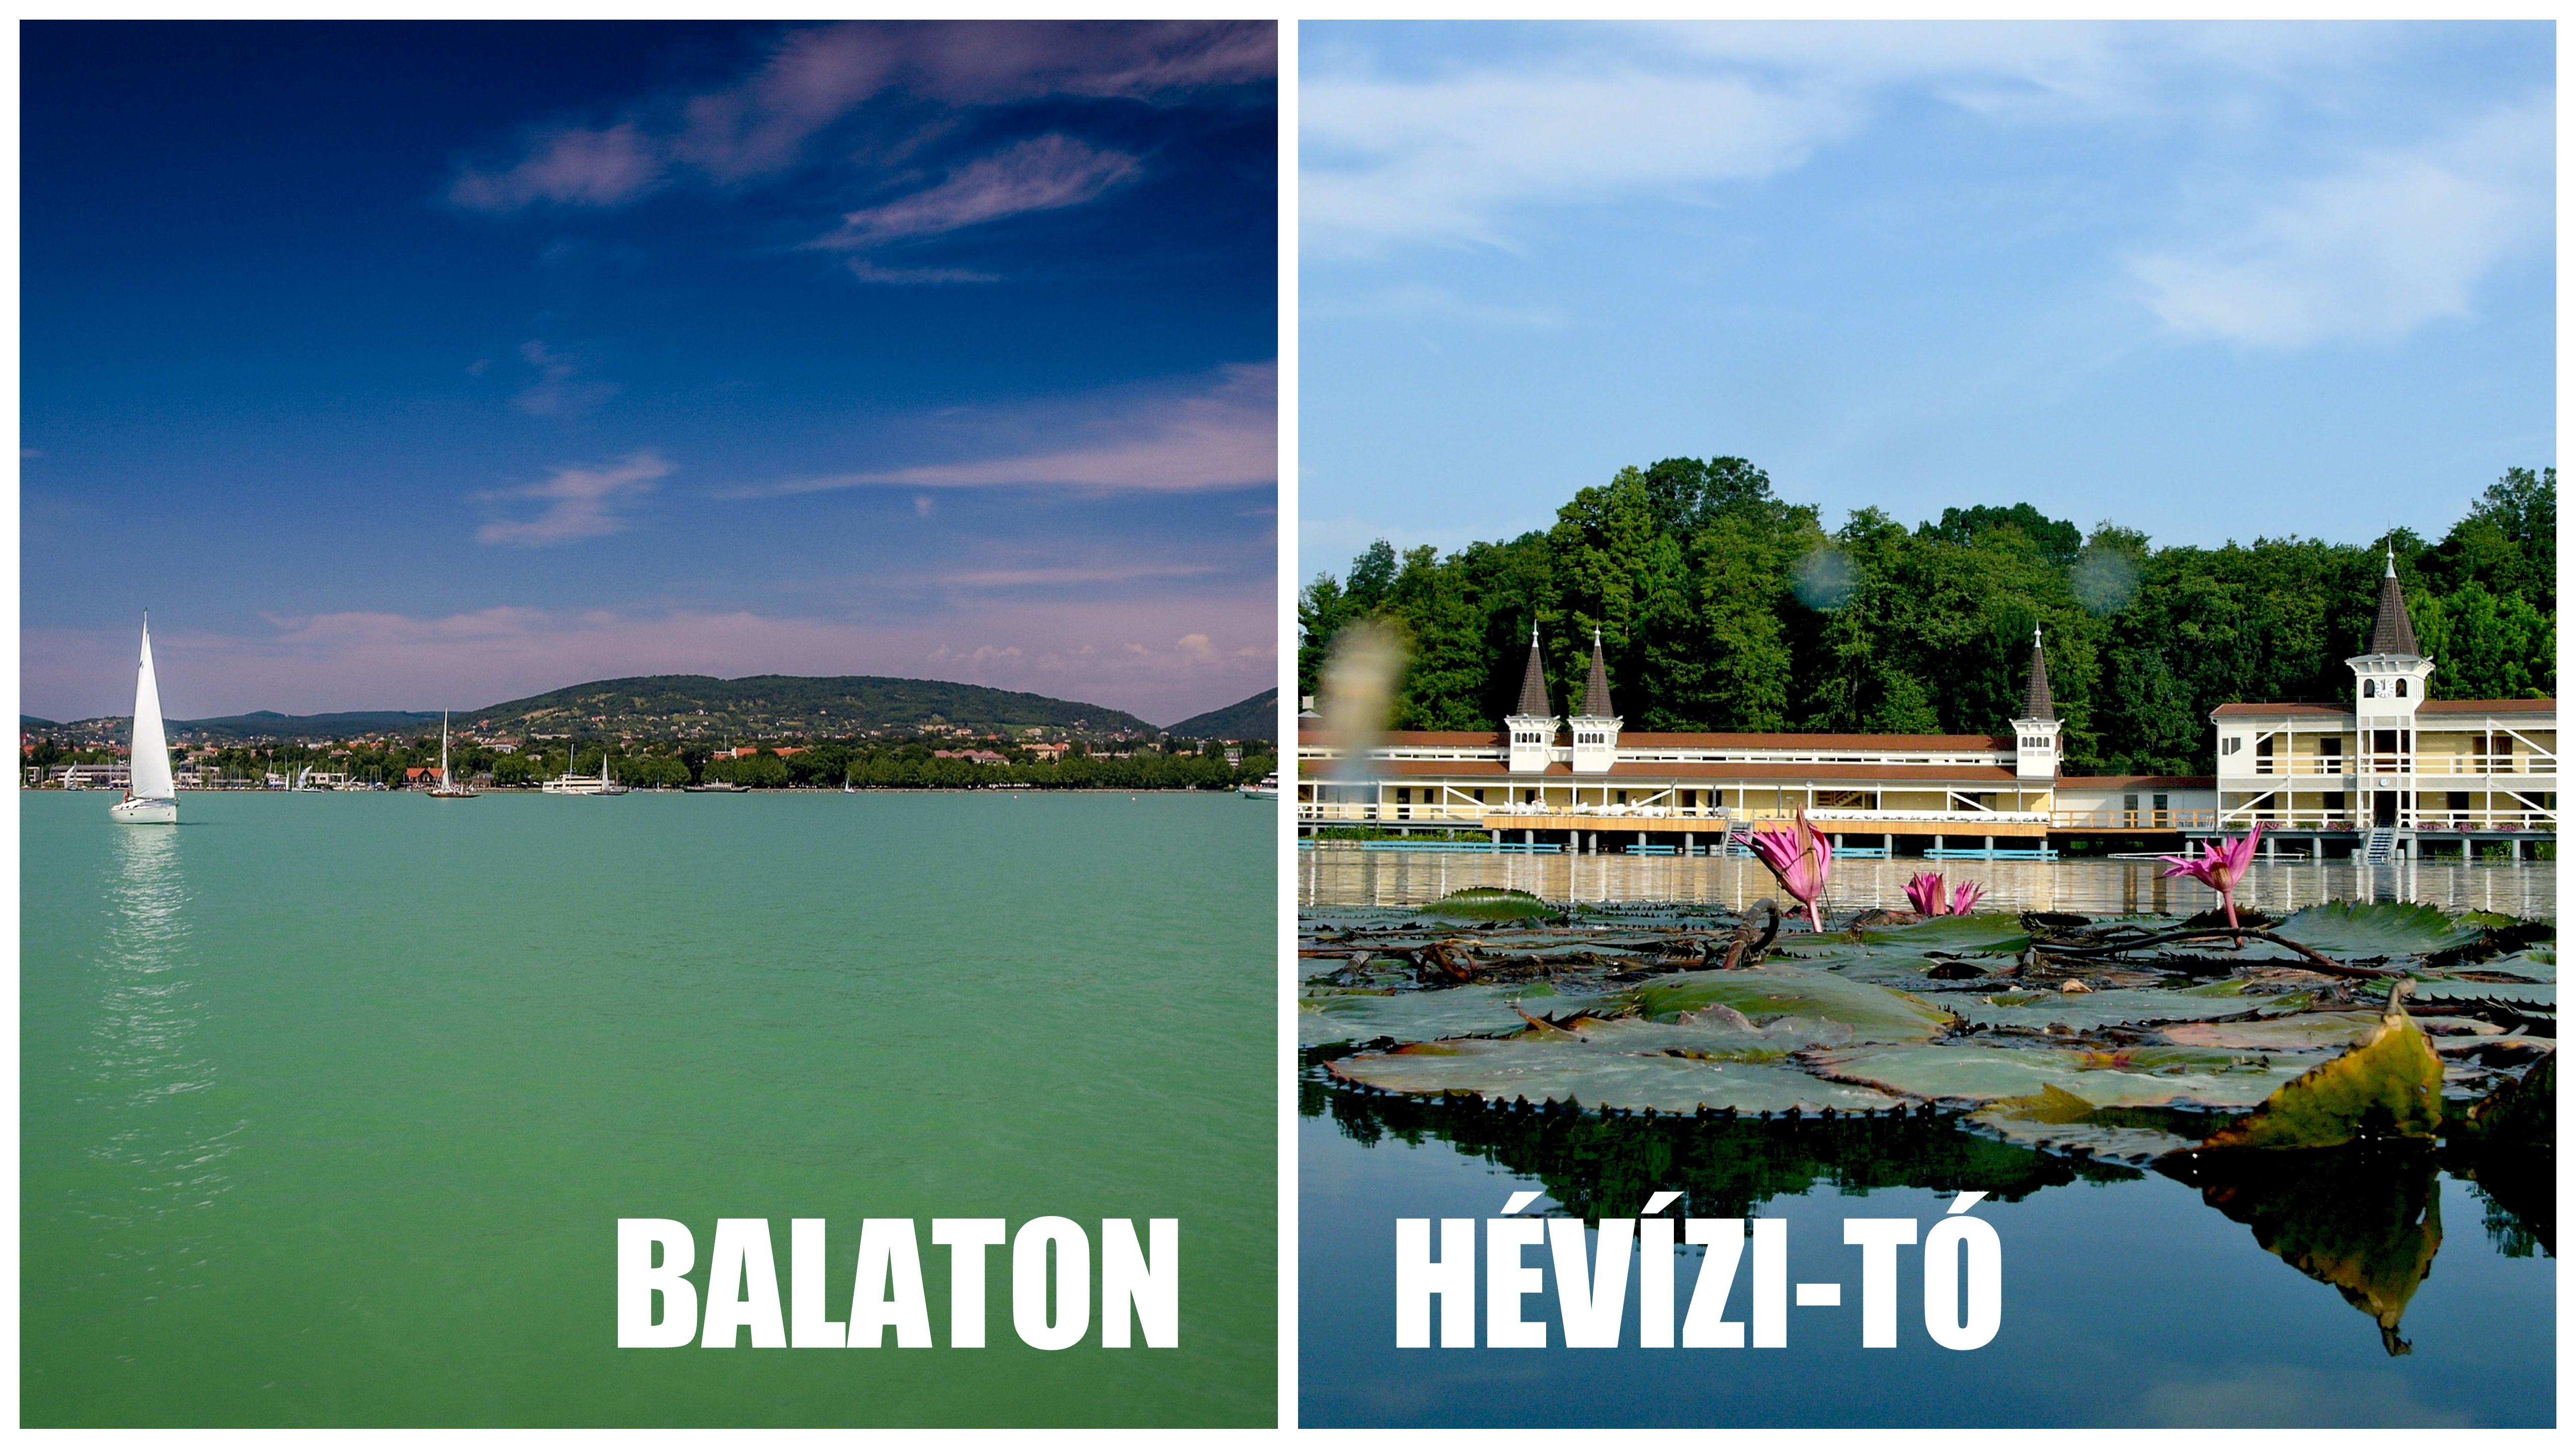 """Hévízi-tó vs Balaton? Különbségek és hasonlóságok. """"Tudtam, csak nem sejtettem!"""""""